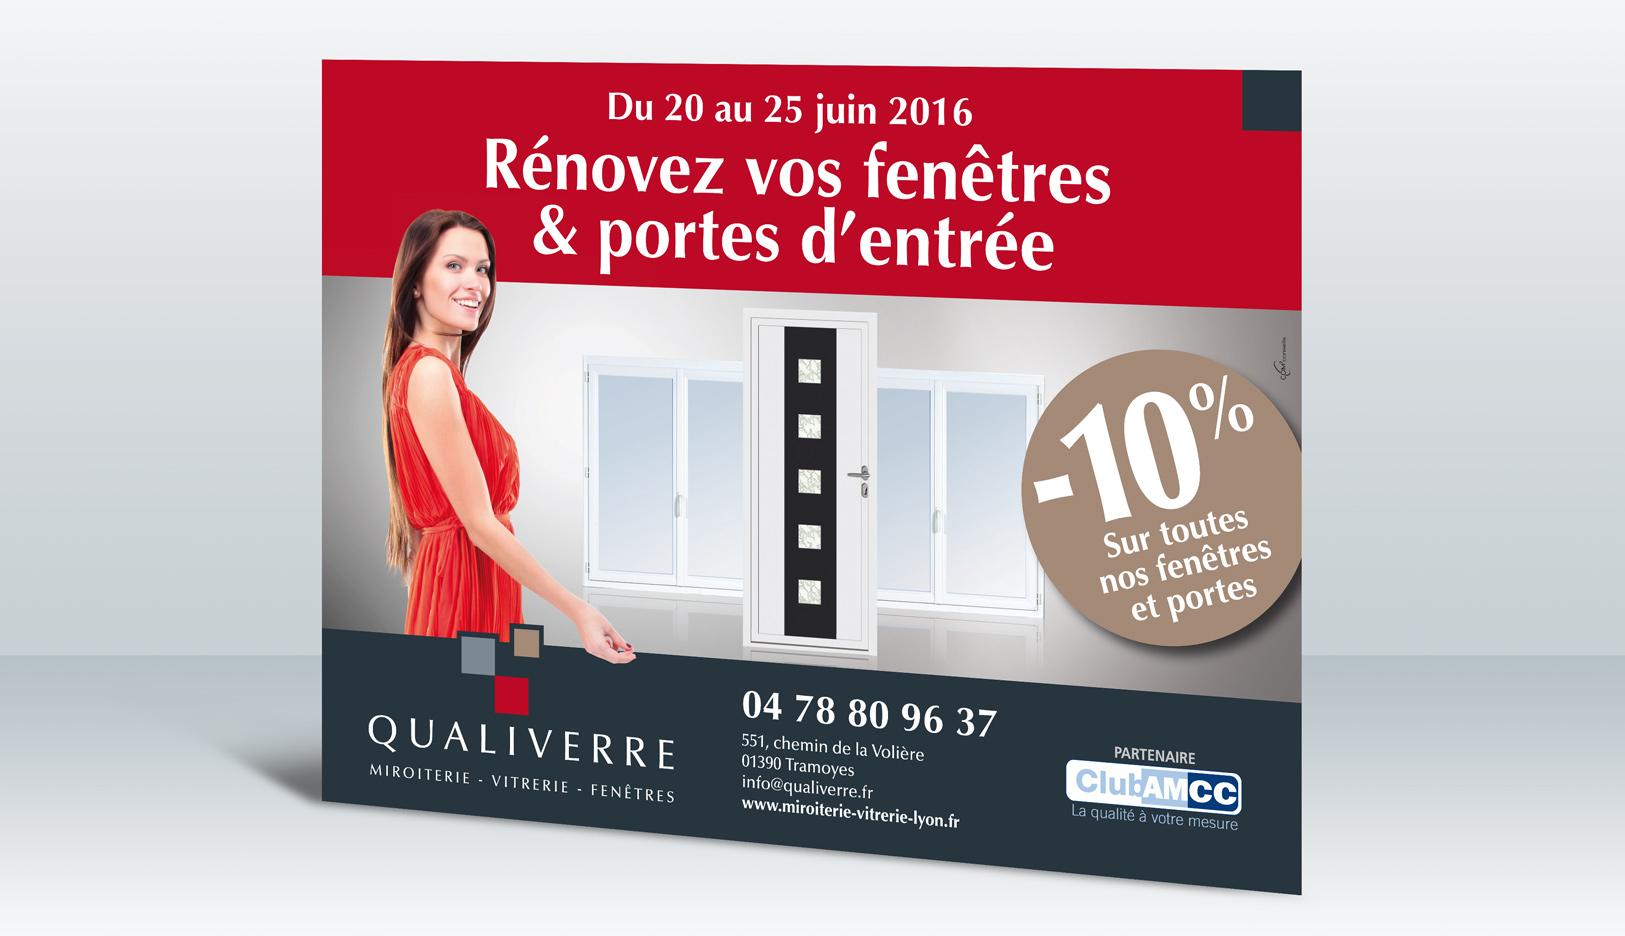 Qualiverre_4x3